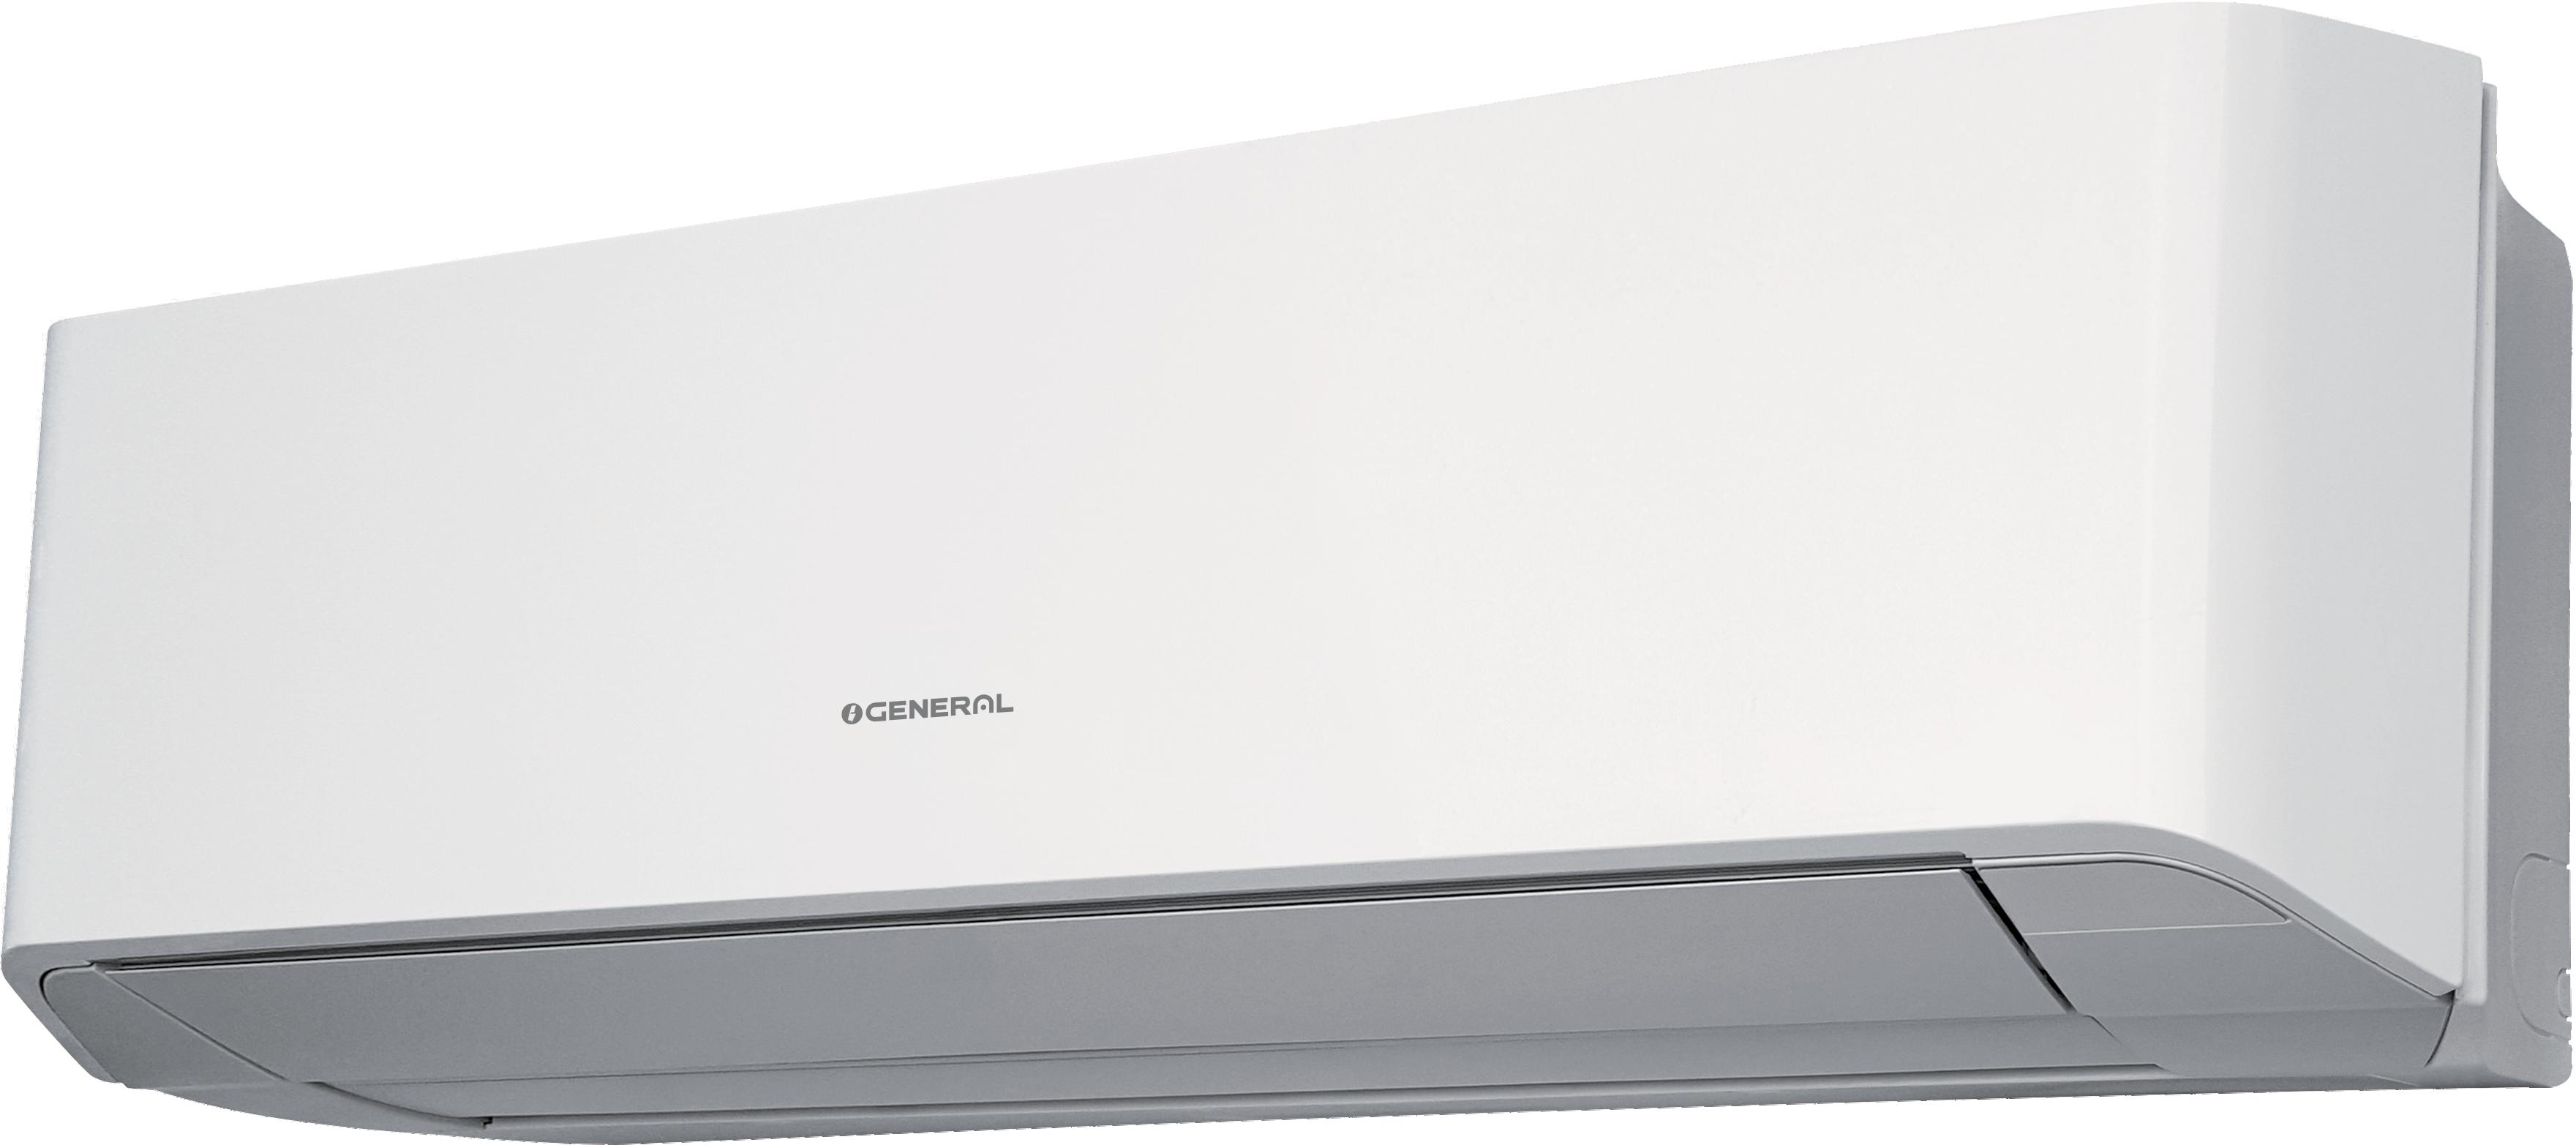 Seinämallit R410 – LMCE – Standard